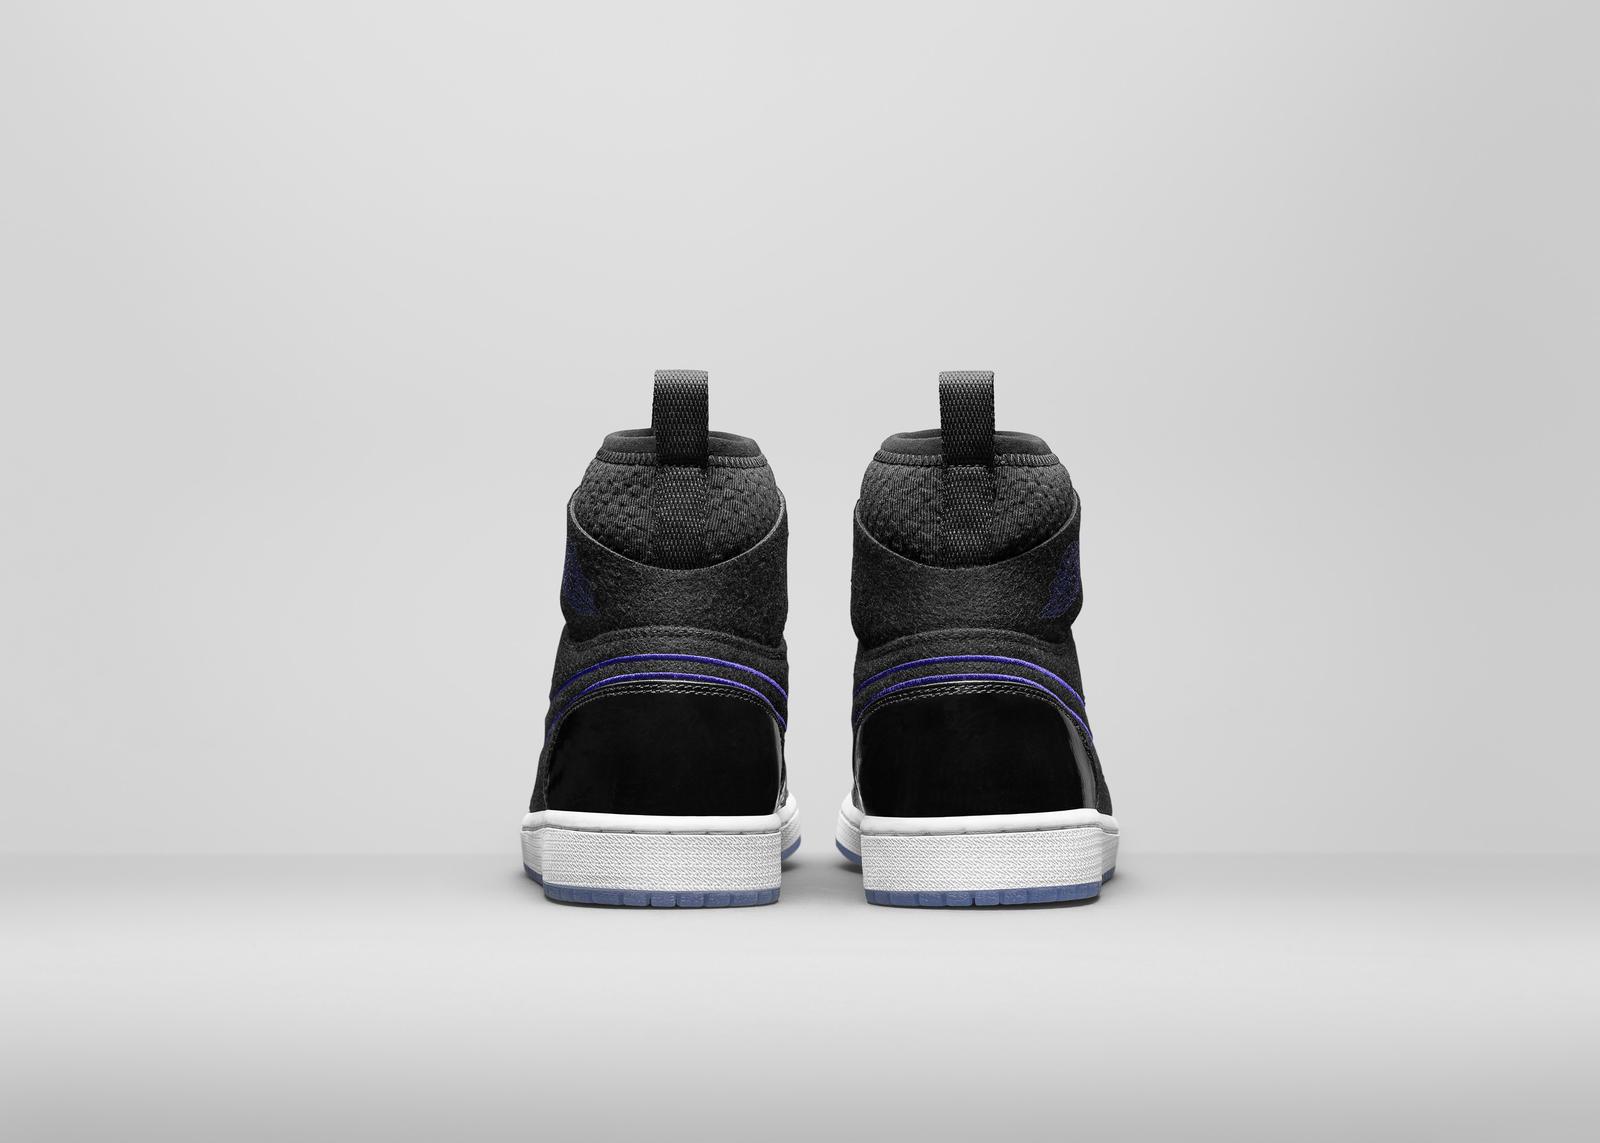 Air Jordan I Ultra High